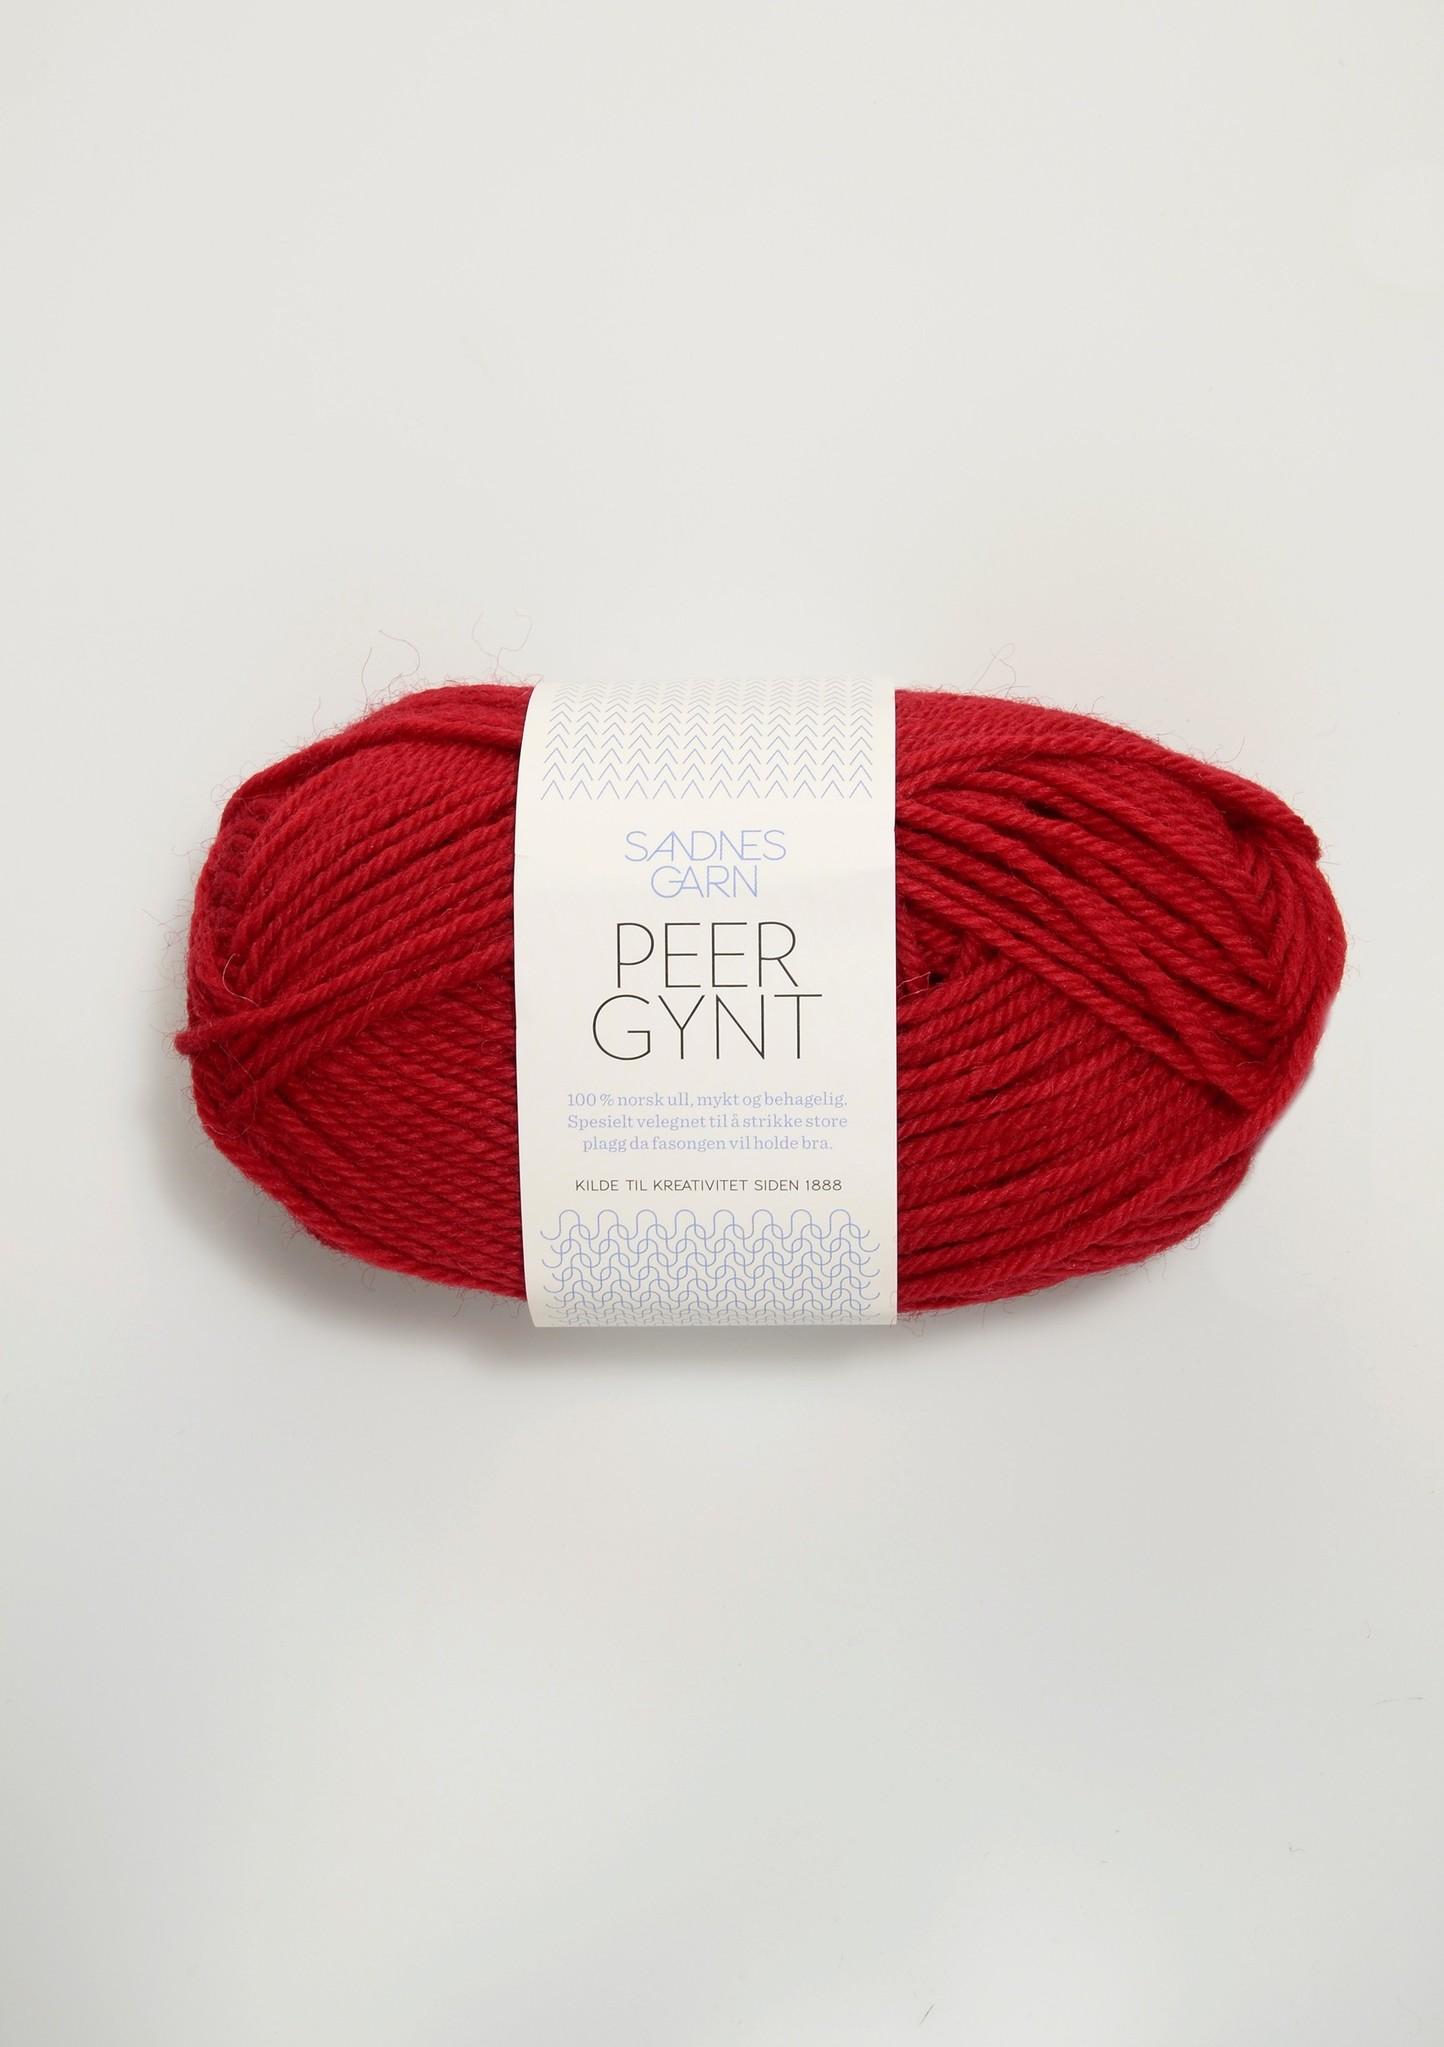 Sandnes Peer Gynt - NR. 4228 - Rød